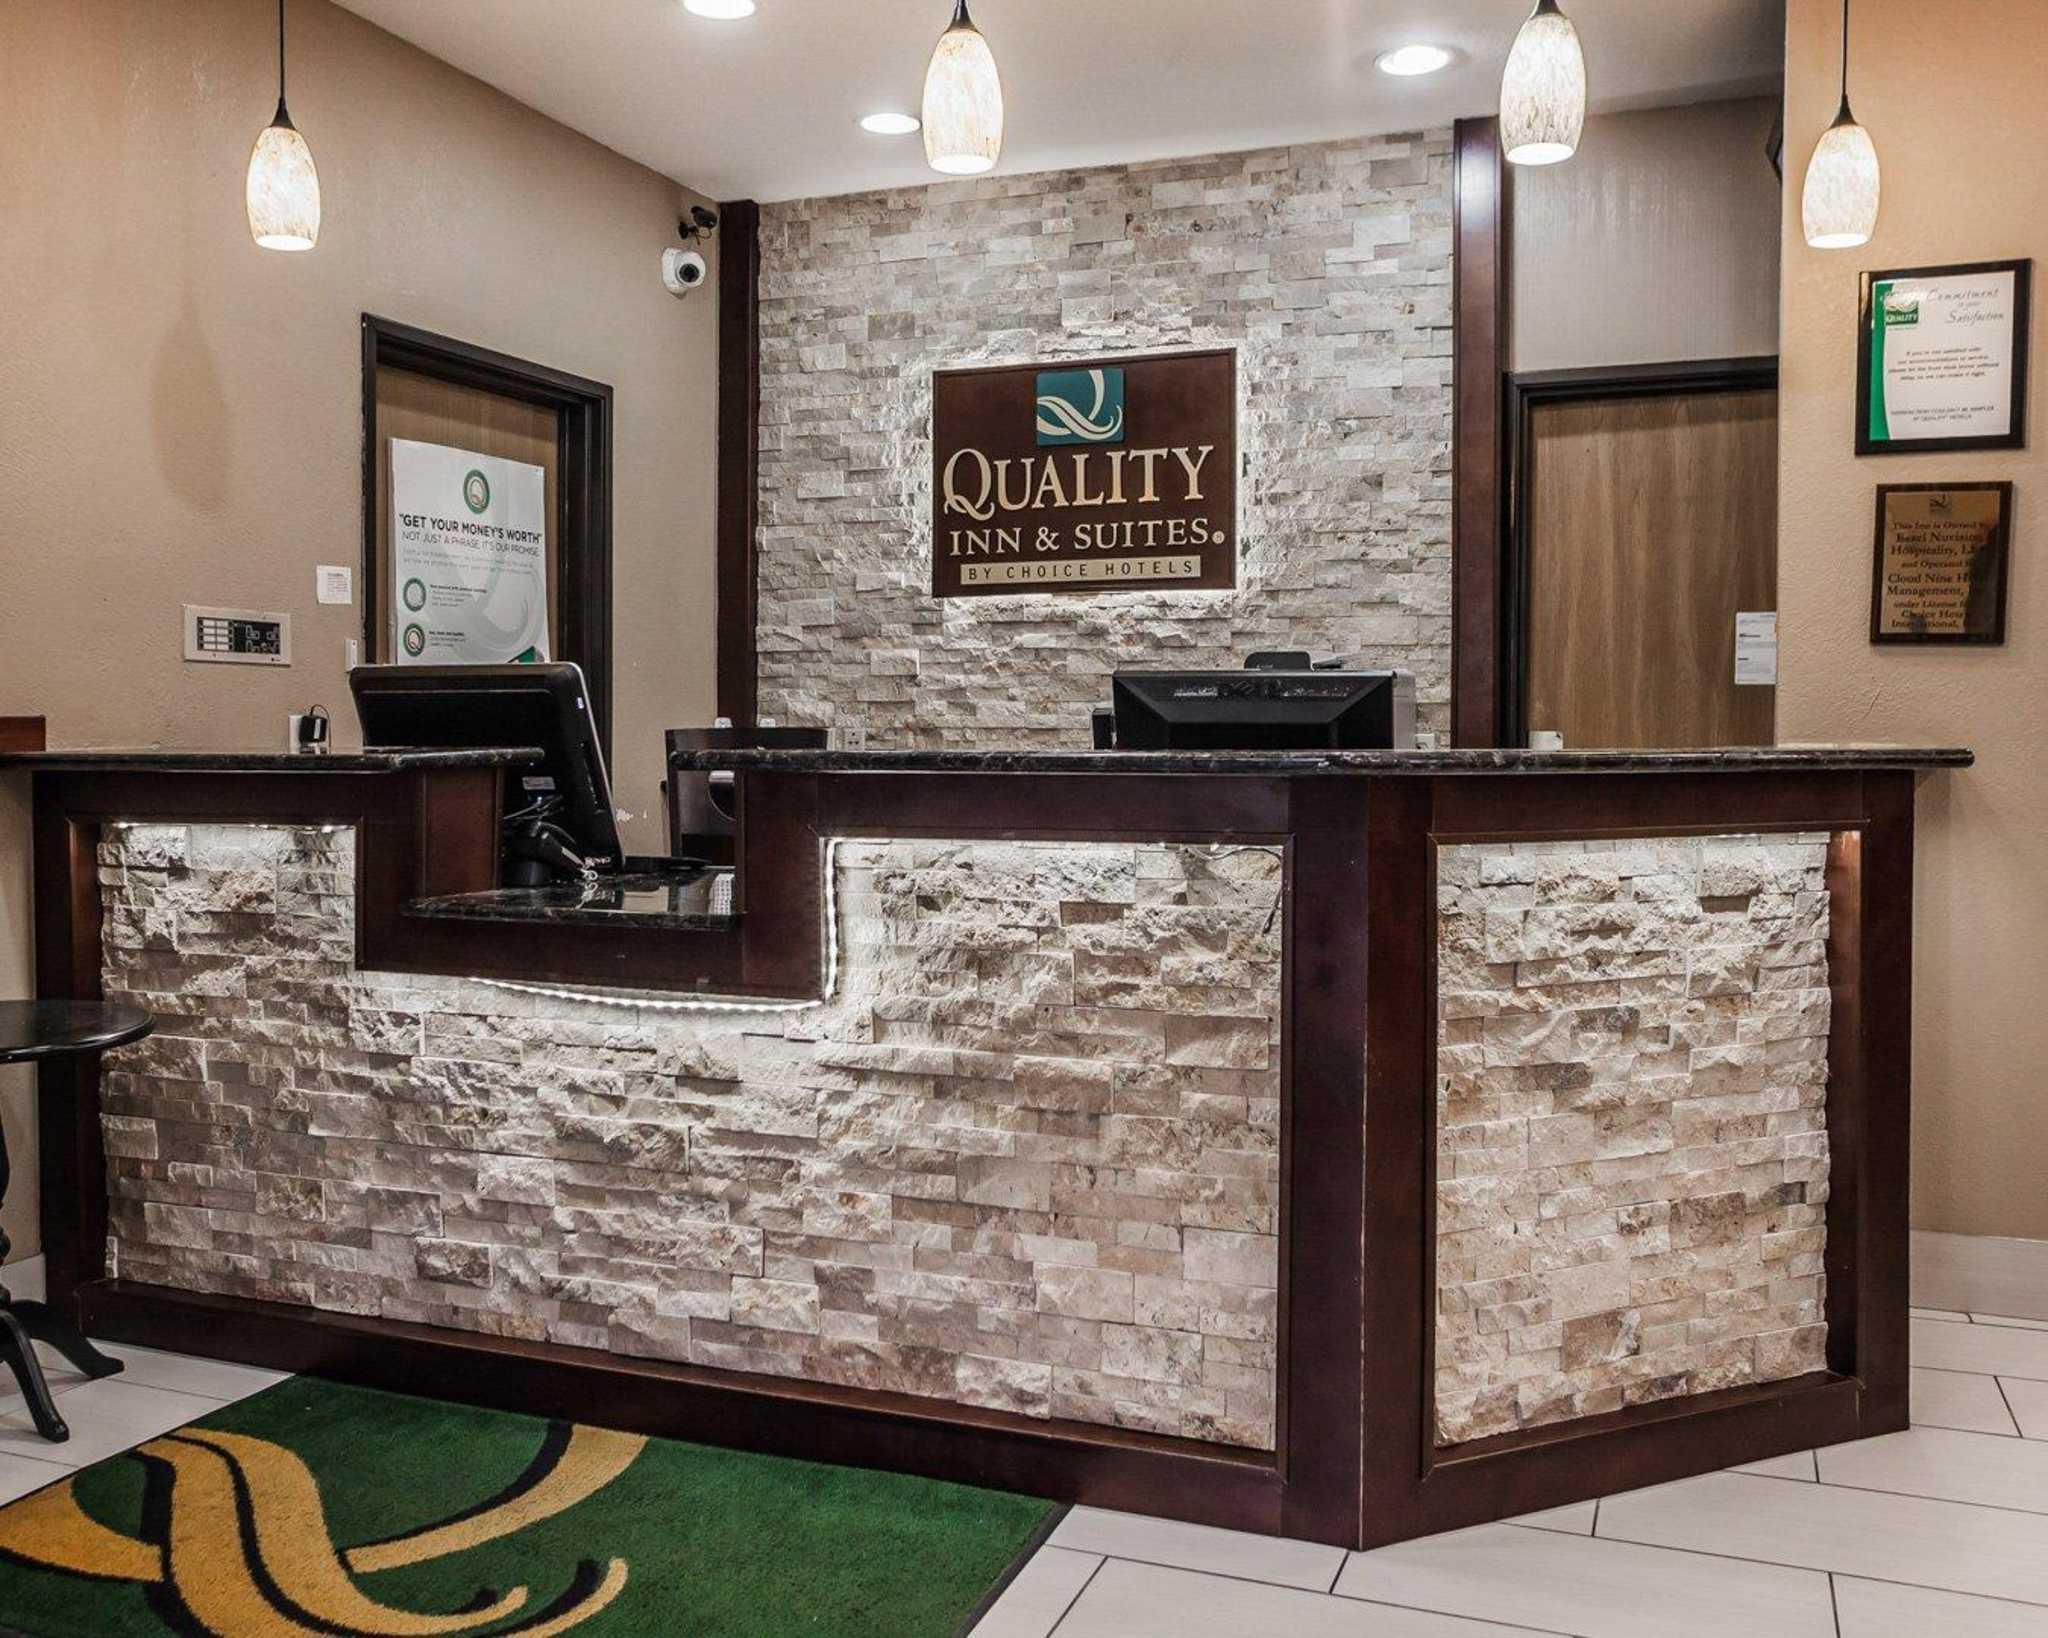 Quality Inn & Suites Des Moines Airport image 16